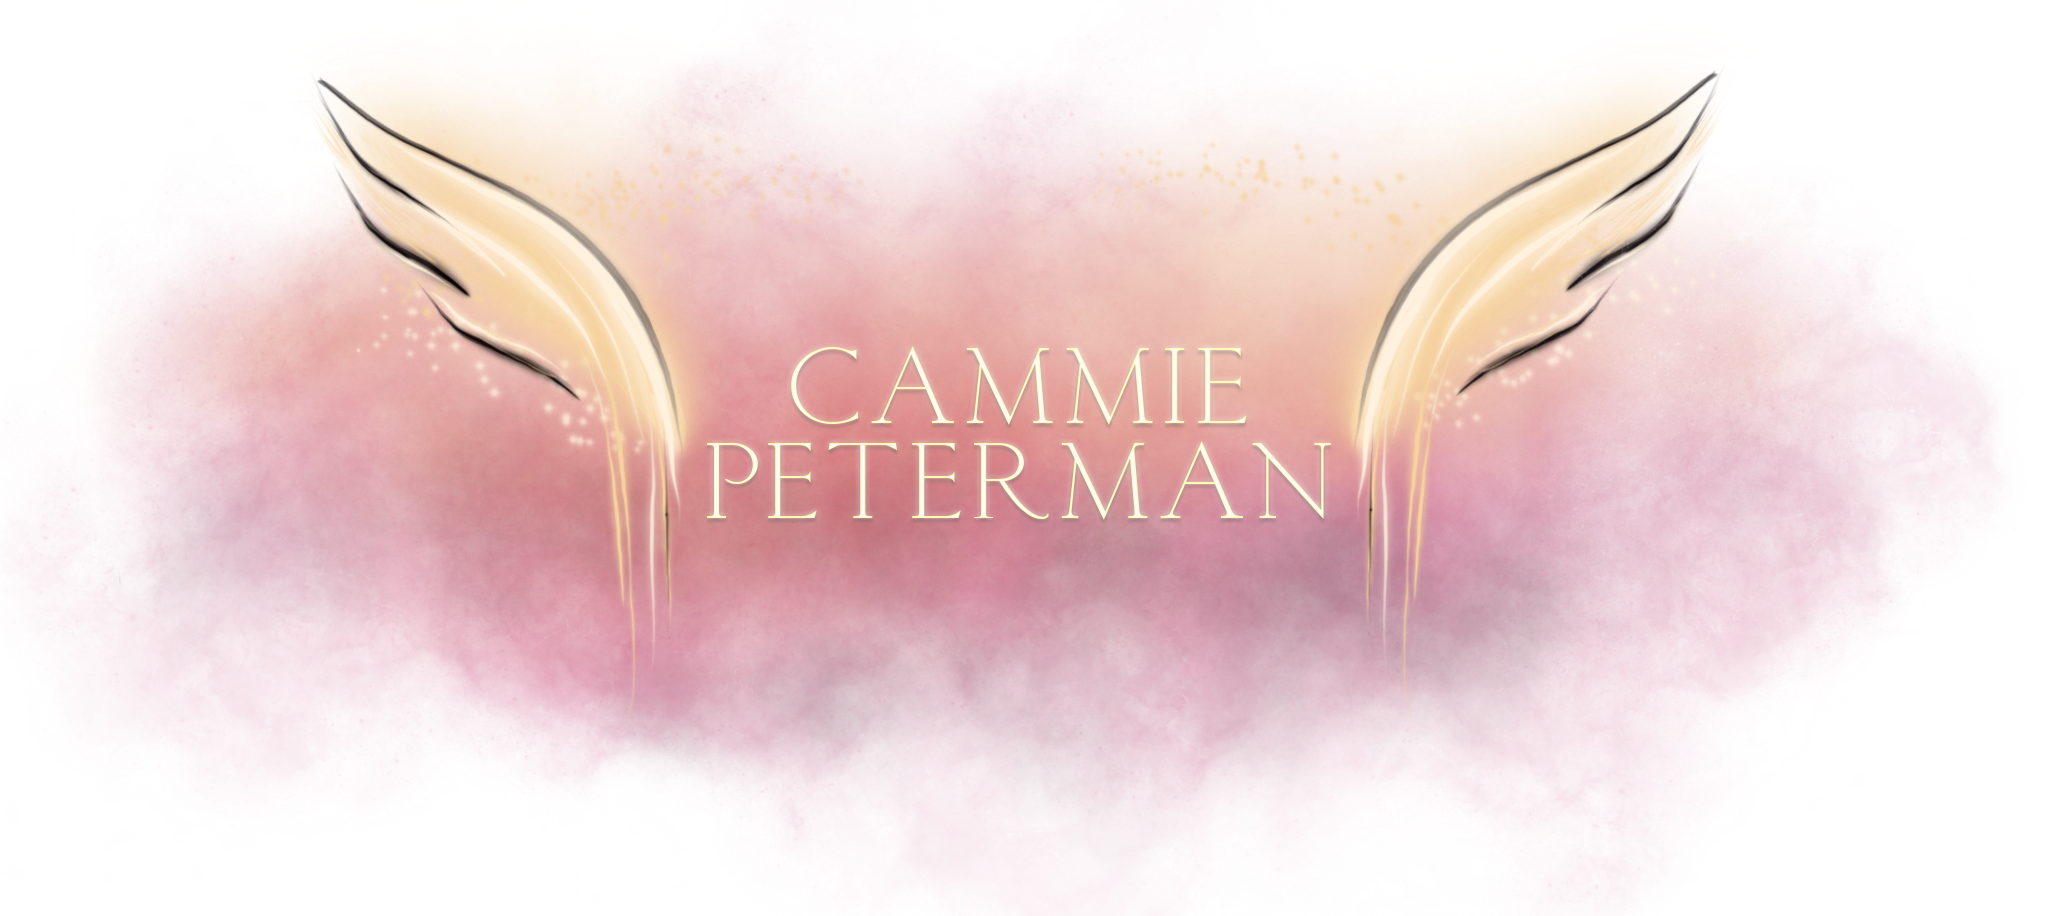 CAMMIE PETERMAN